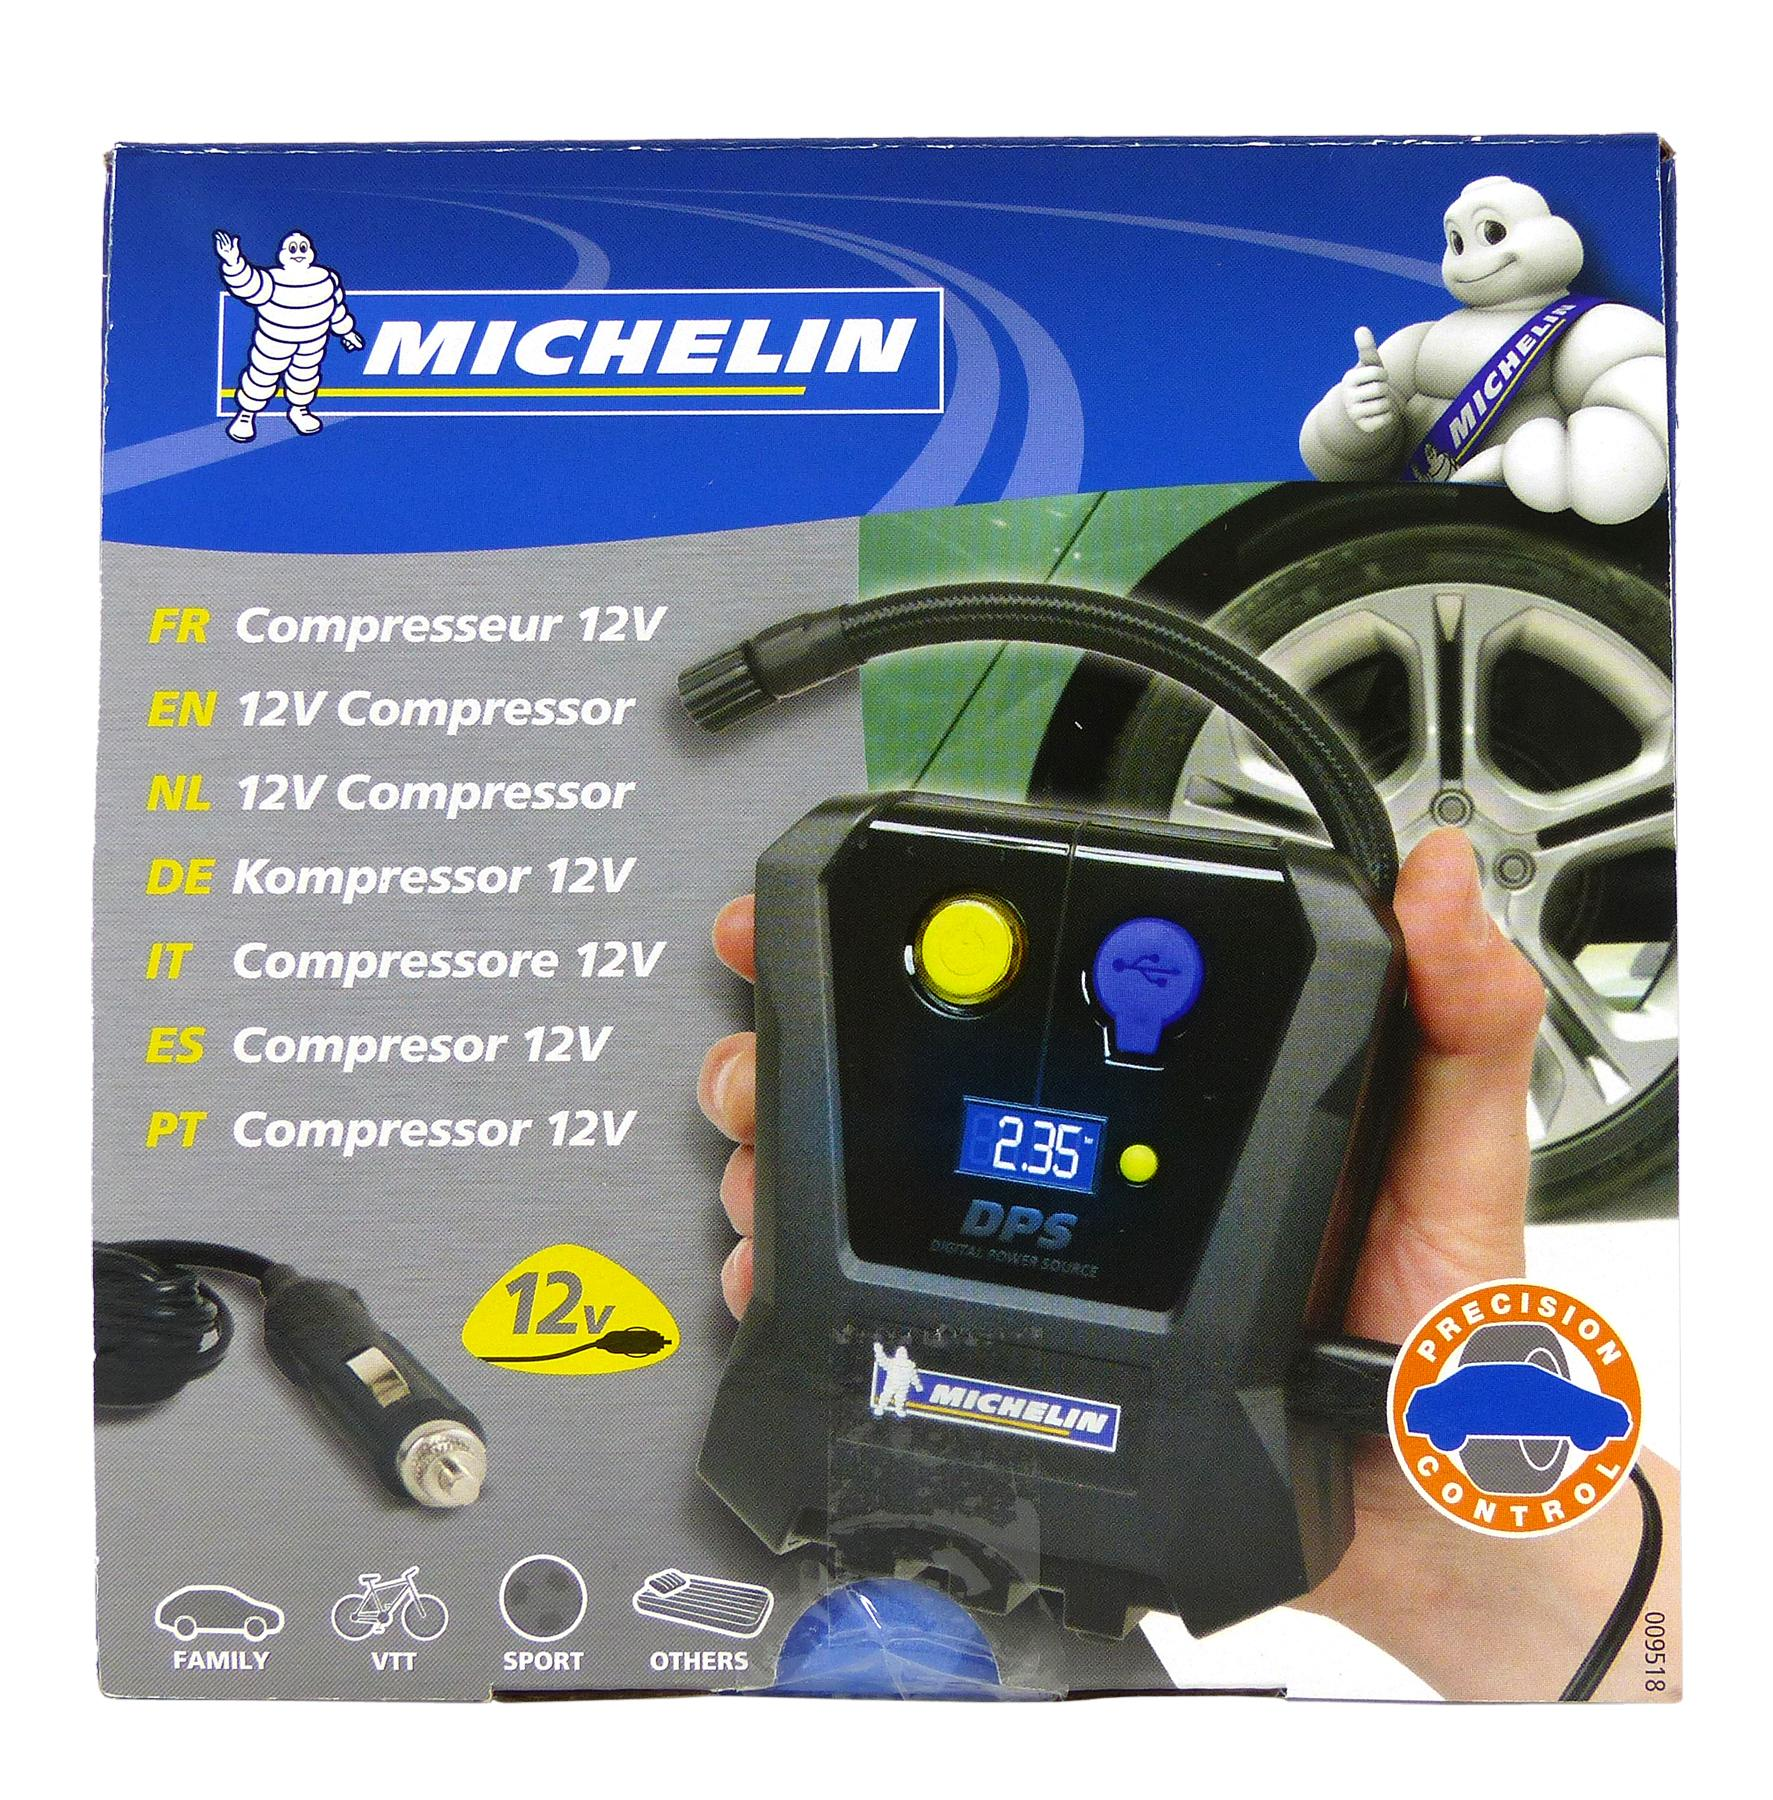 009518 Michelin do fabricante até - 30% de desconto!